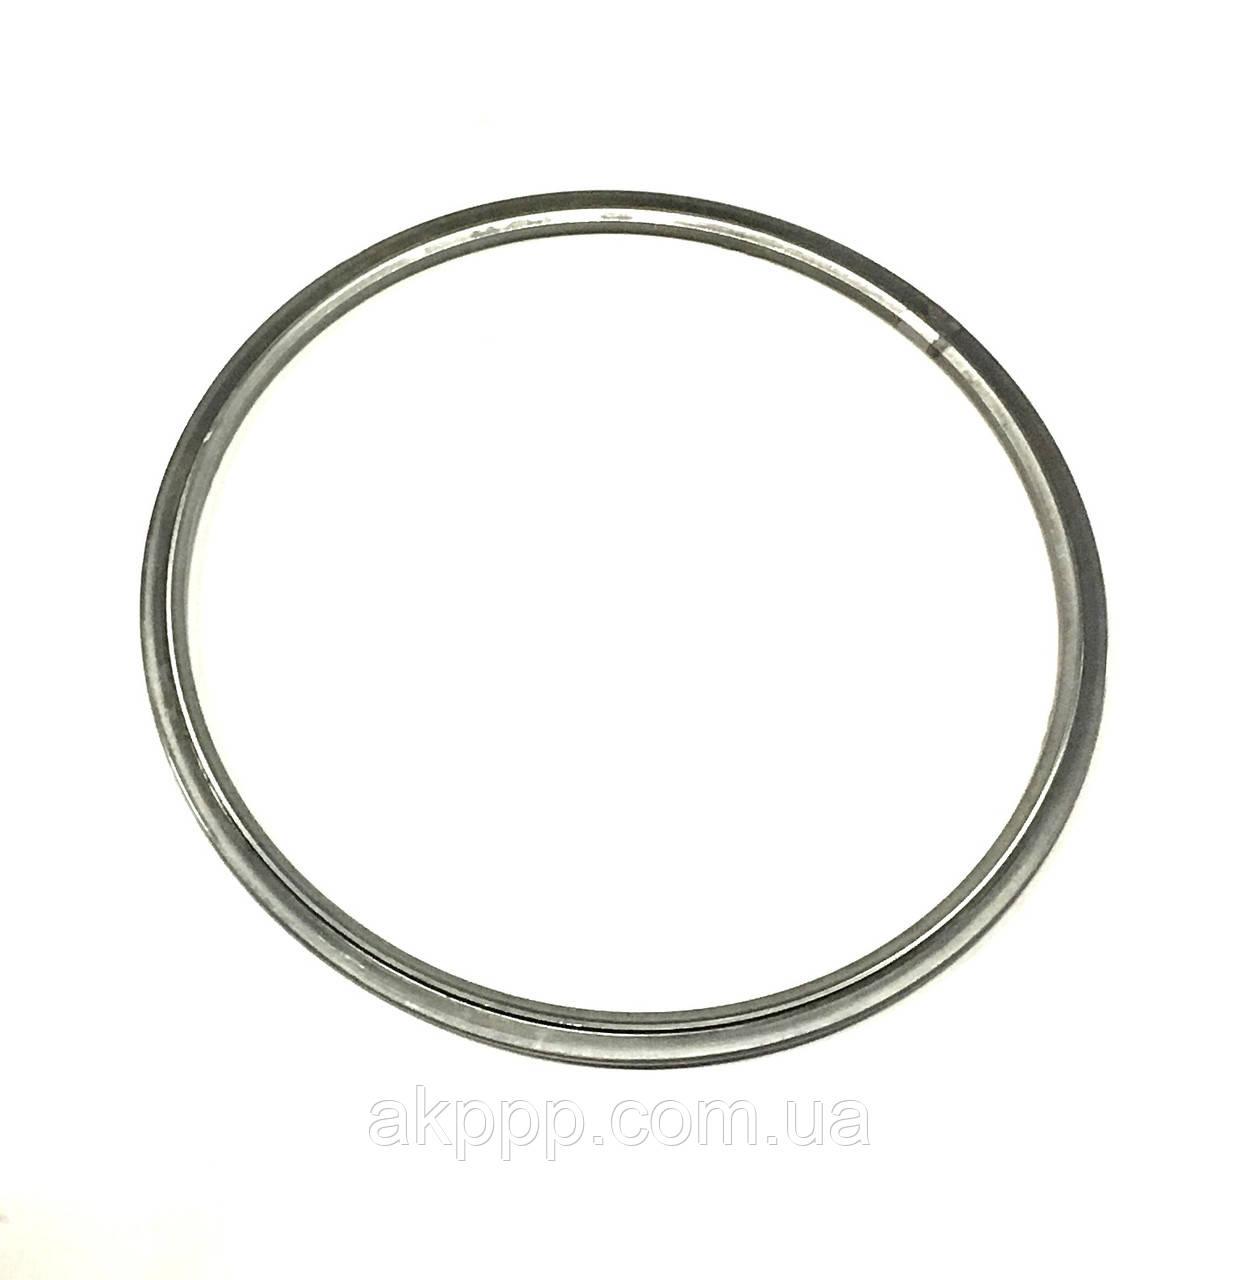 Стпорное кольцо акпп U660E B1, б/у